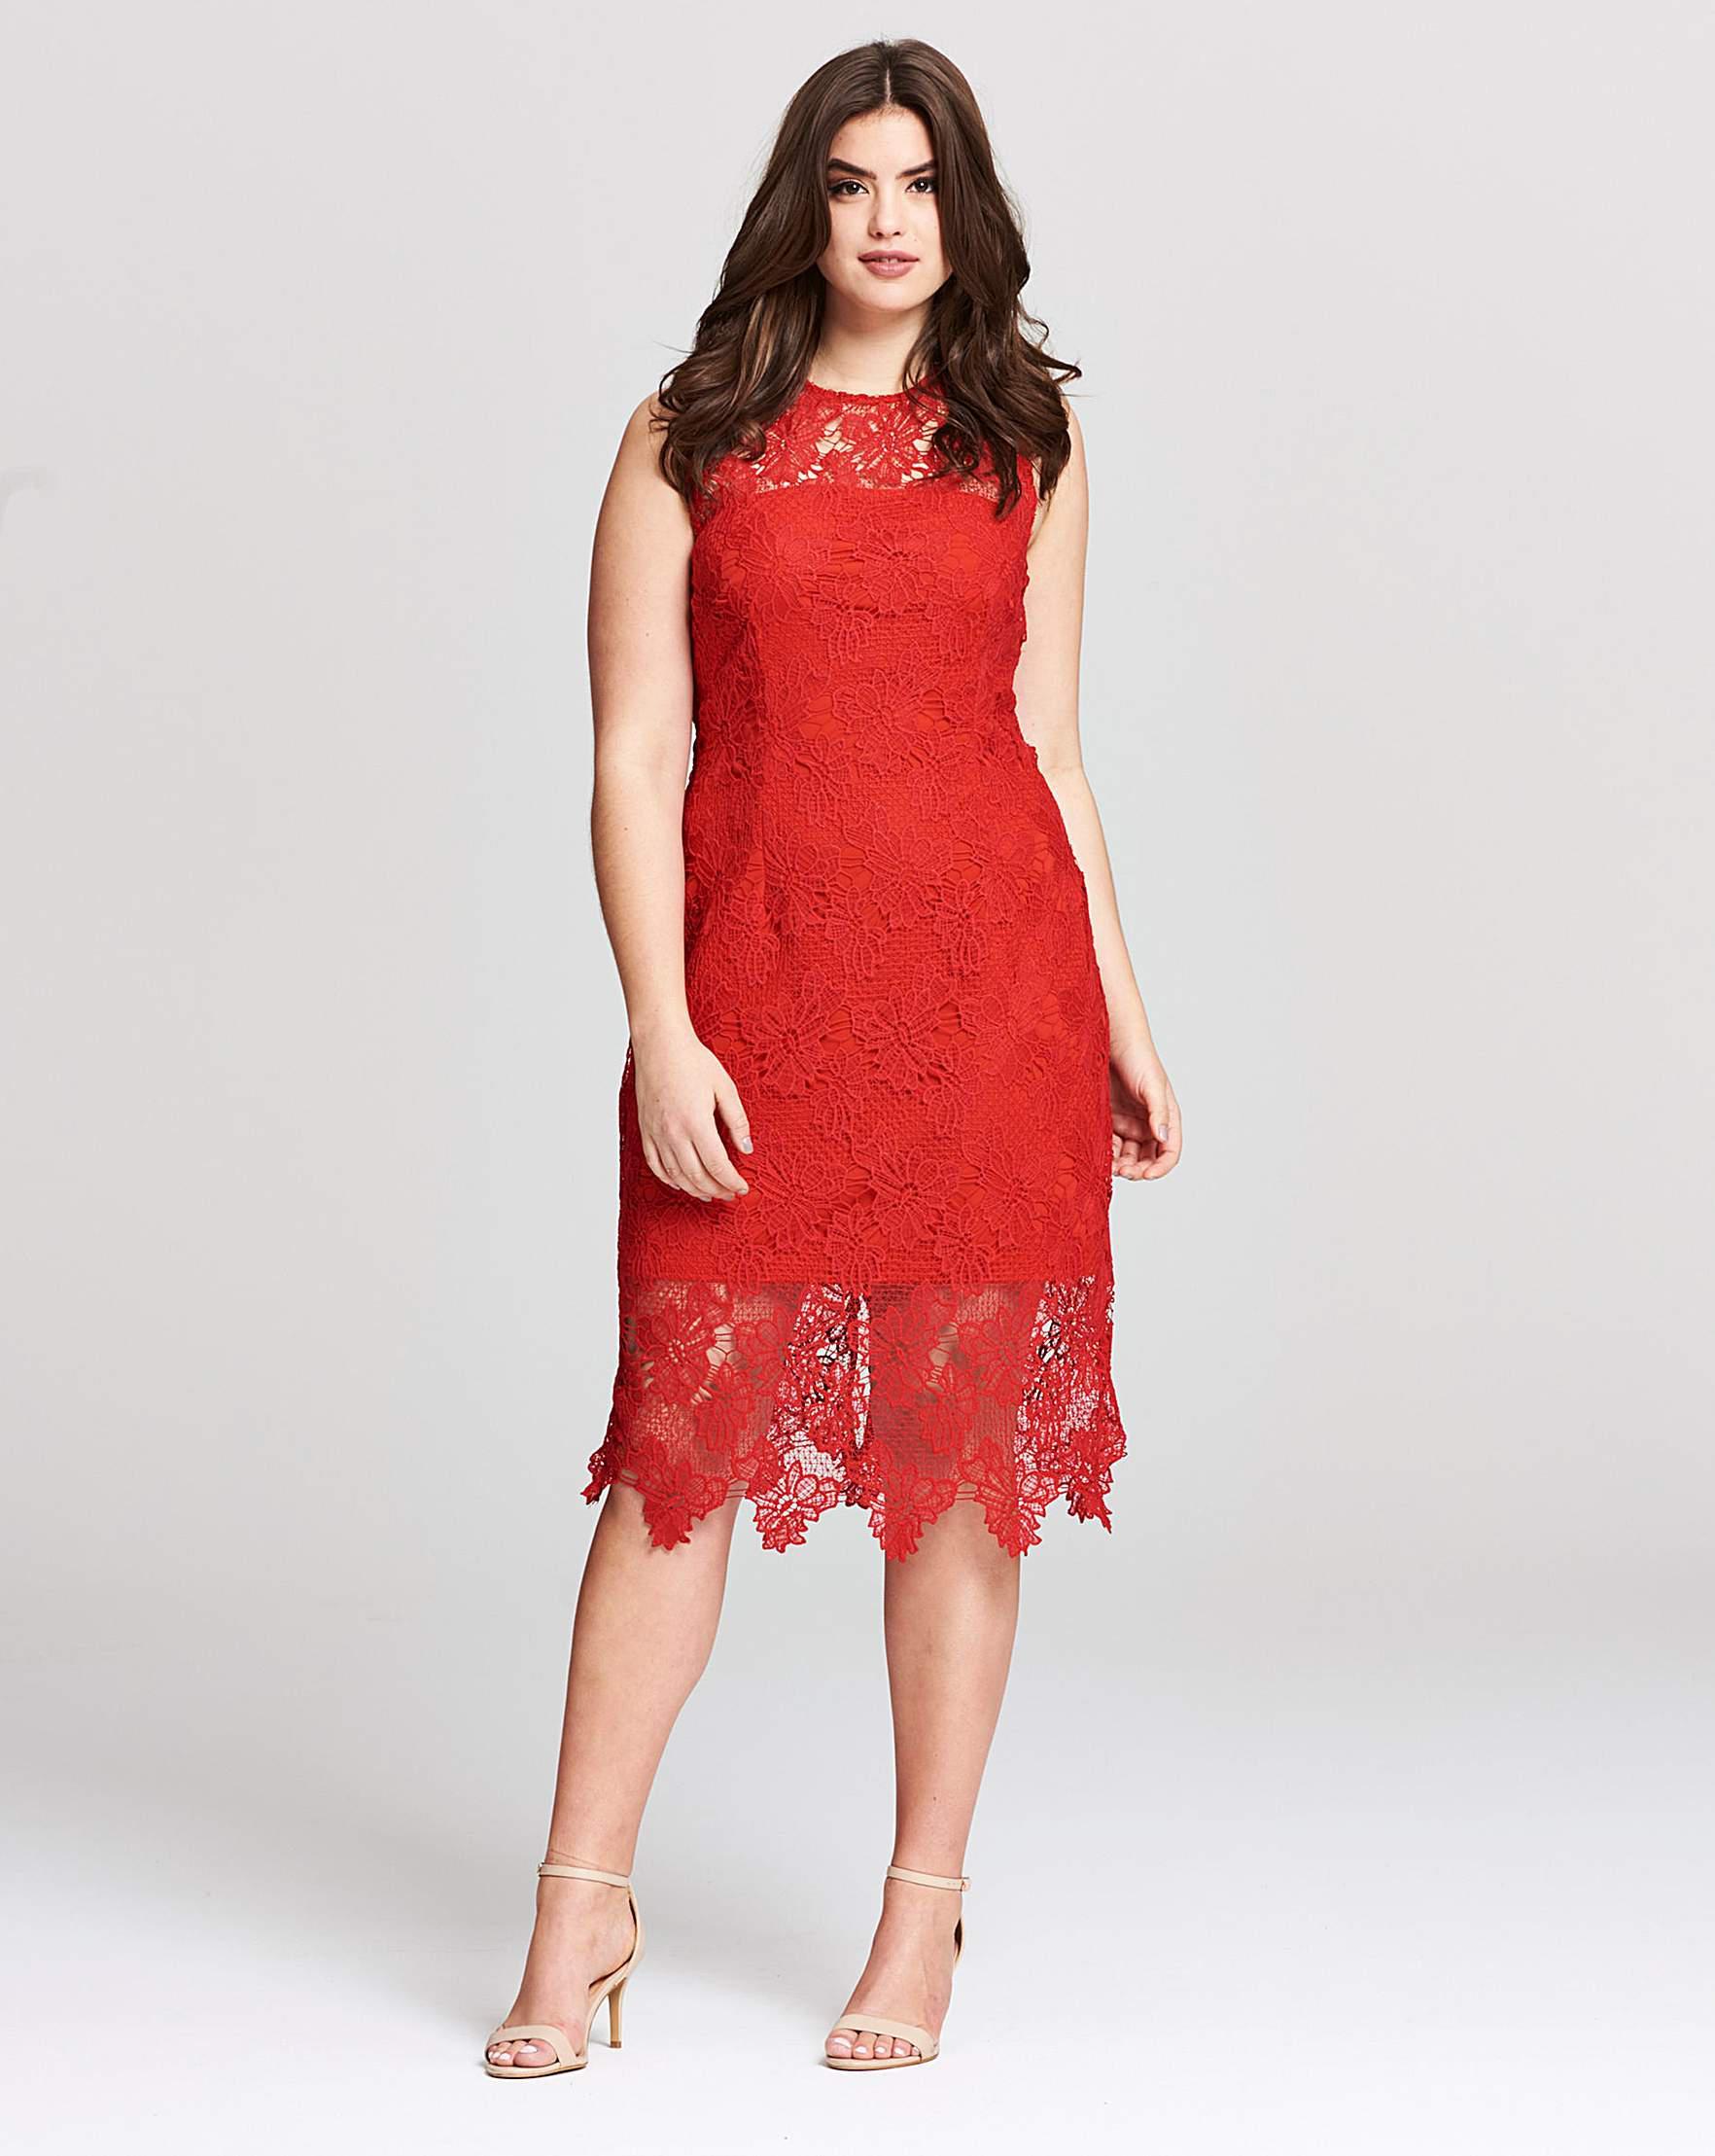 ae2aa1fb04 Ax Paris Stretch Lace Midi Dress in Red - Lyst